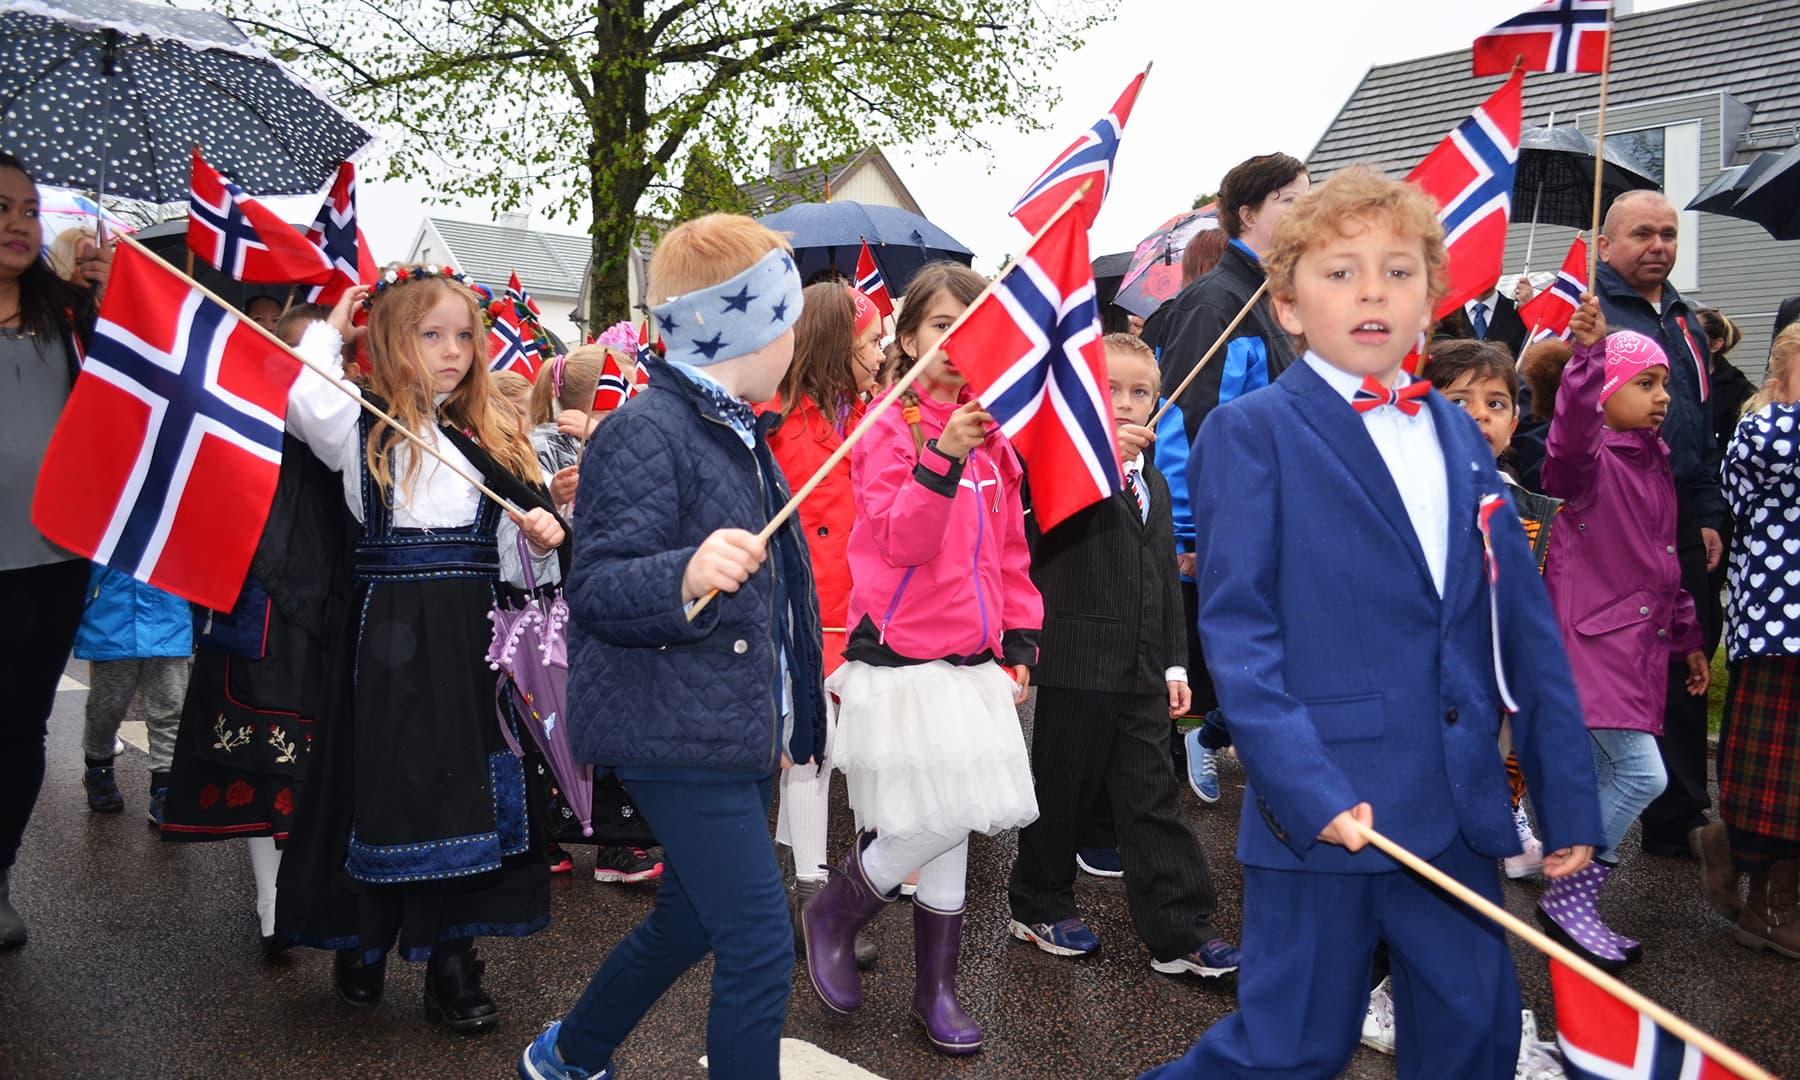 ناروے کے قومی دن پر طلباء پریڈ میں اپنی اپنی پرفامنس کا مظاہرہ پیش کرتے ہوئے جلوس کی شکل میں ٓاگے بڑھتے ہیں—تصویر رمضان رفیق